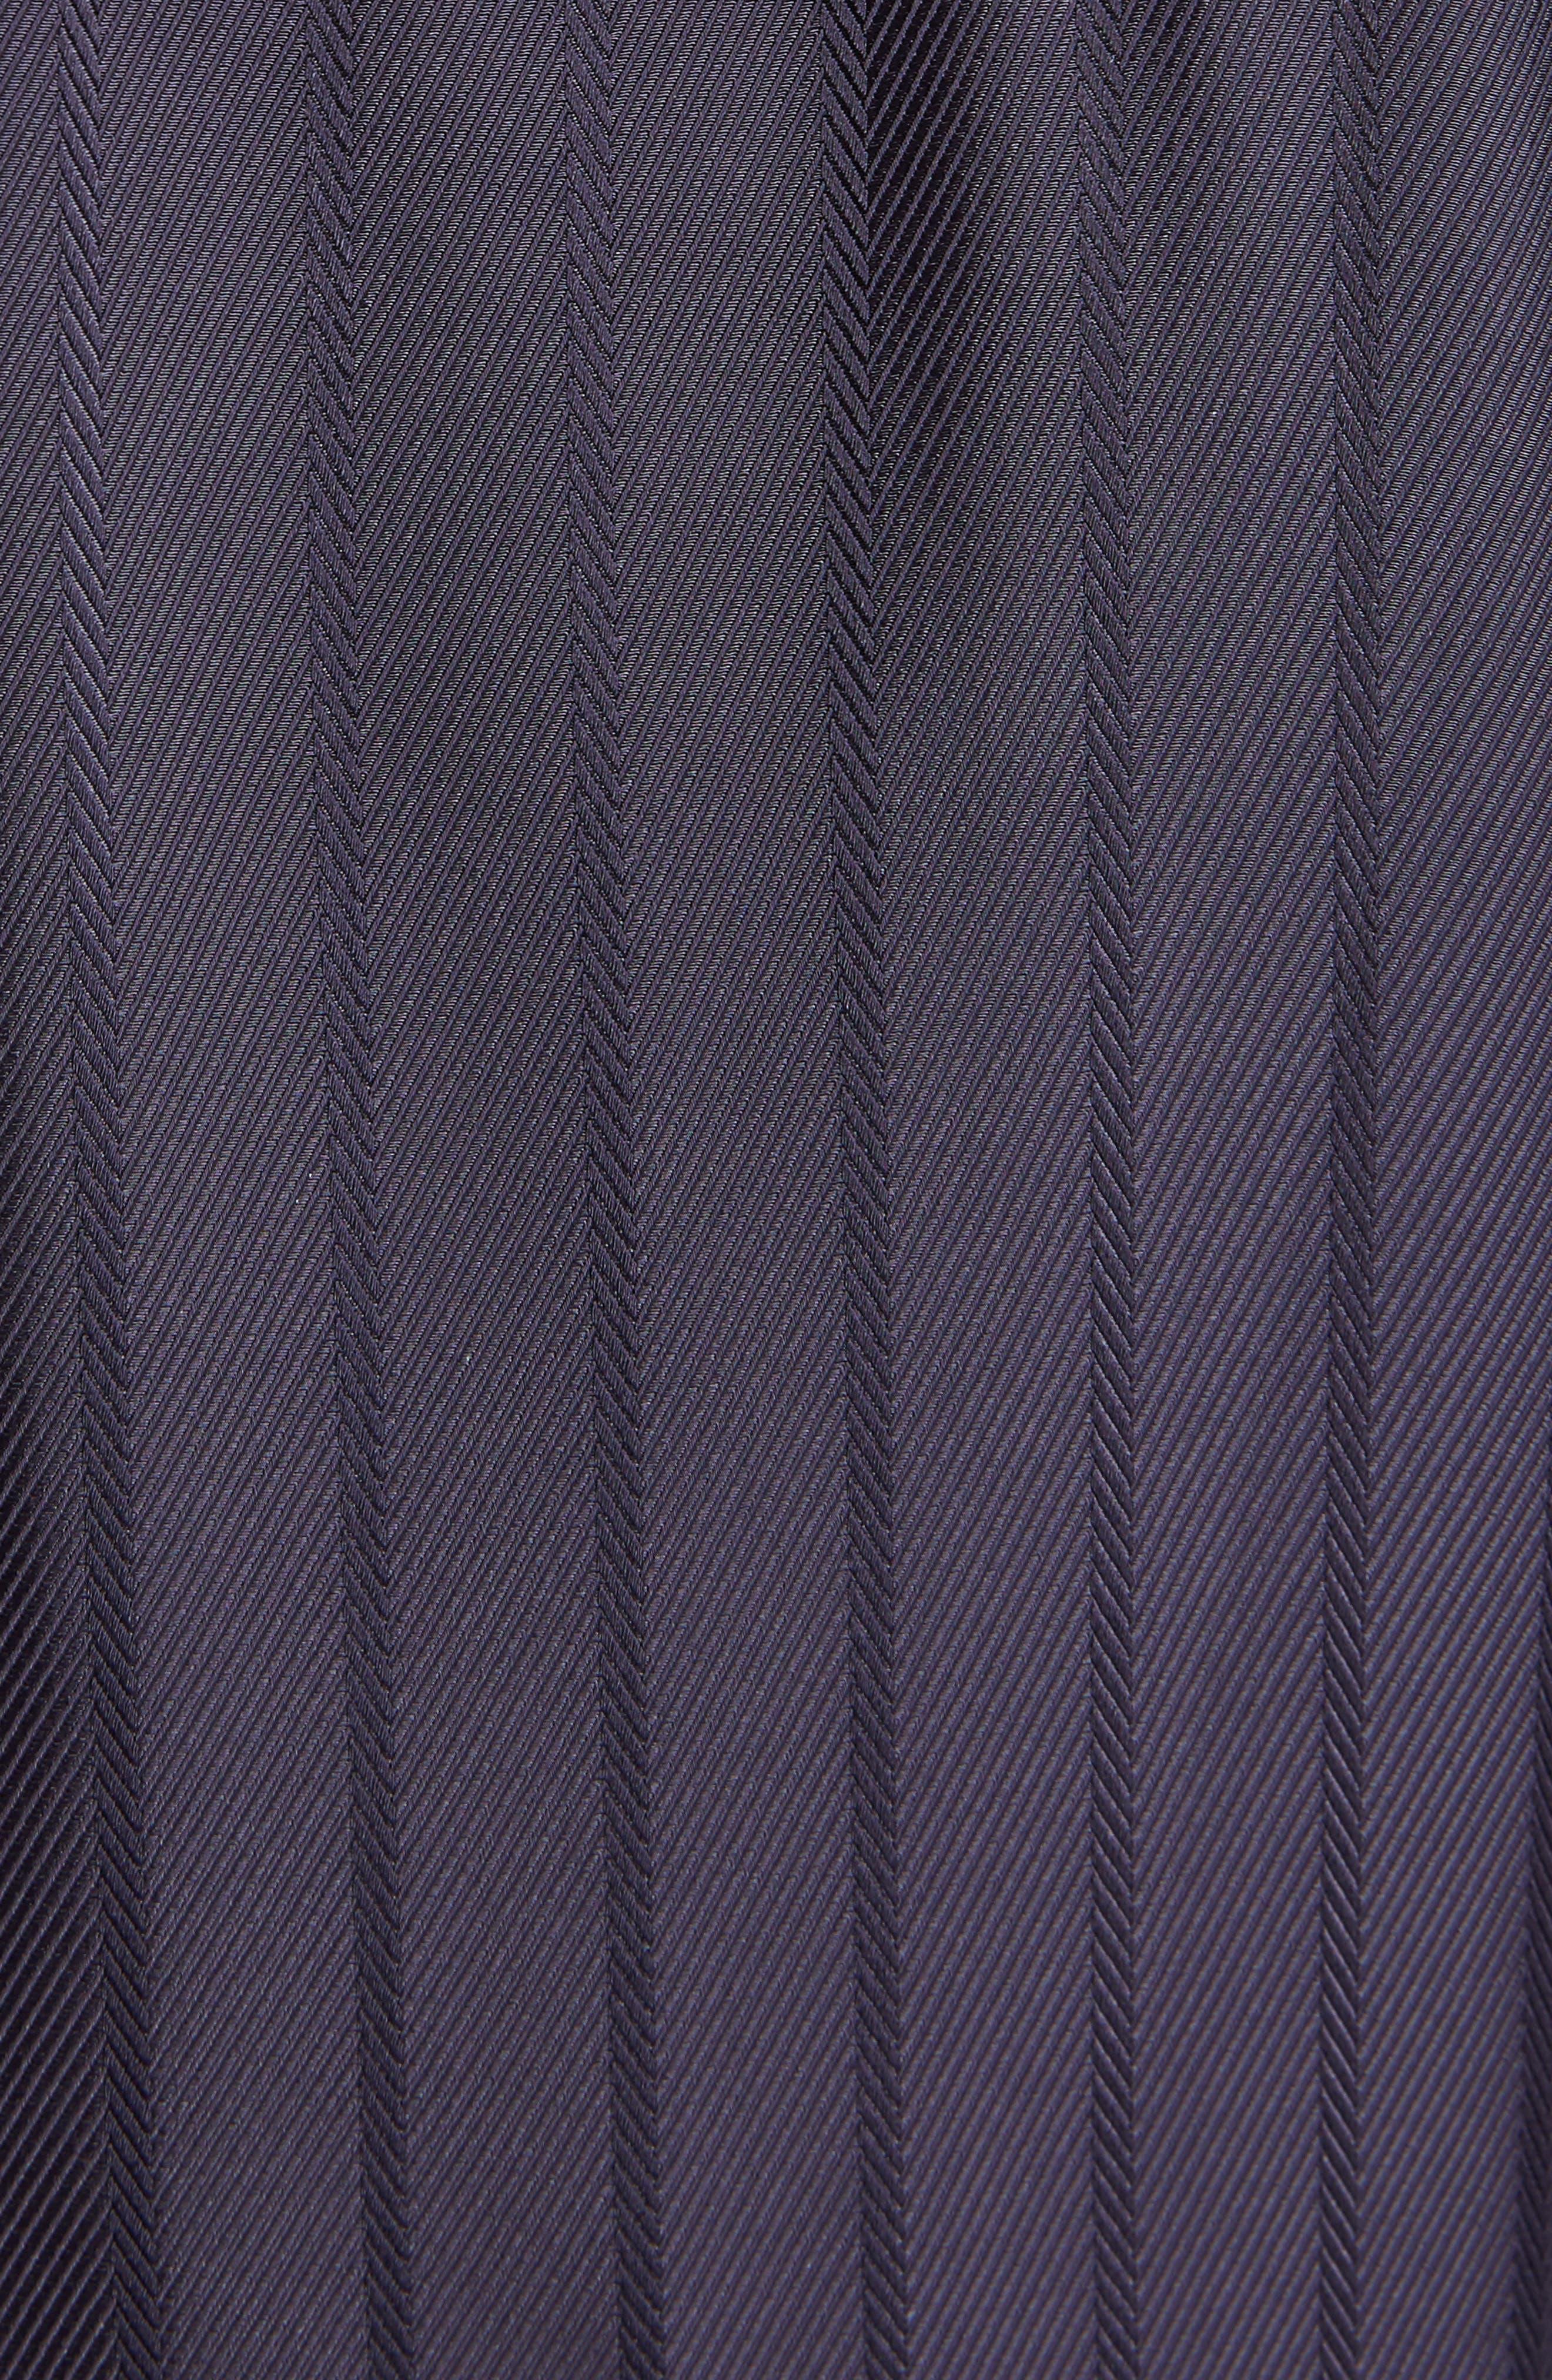 Jabin Stripe Jacquard Jacket,                             Alternate thumbnail 5, color,                             410